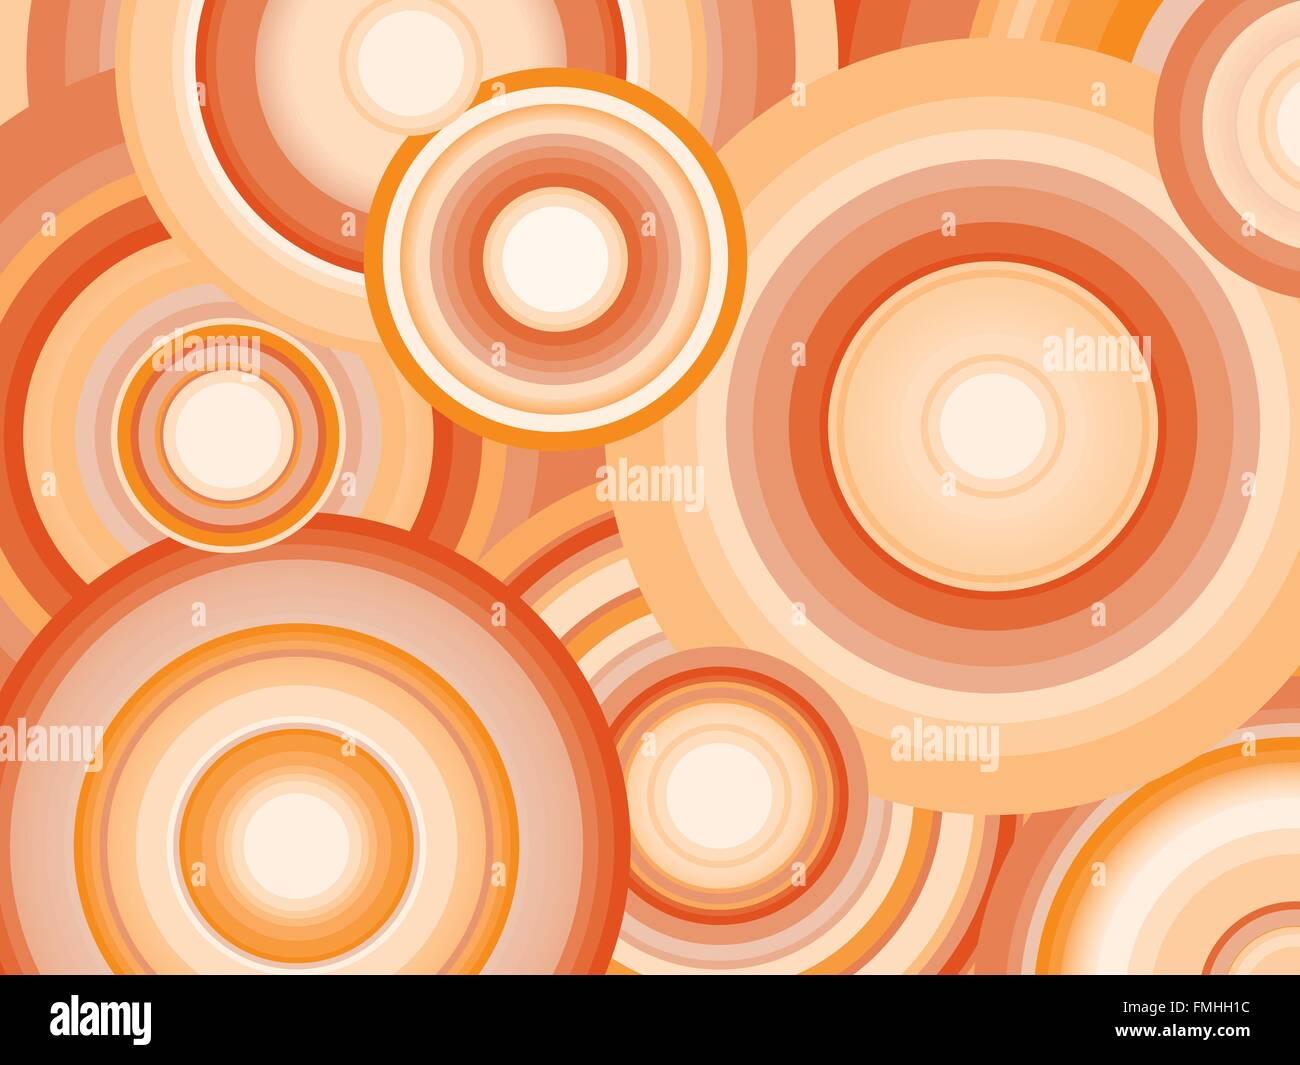 Résumé fond avec des cercles concentriques à l'ombre d'orange Photo Stock